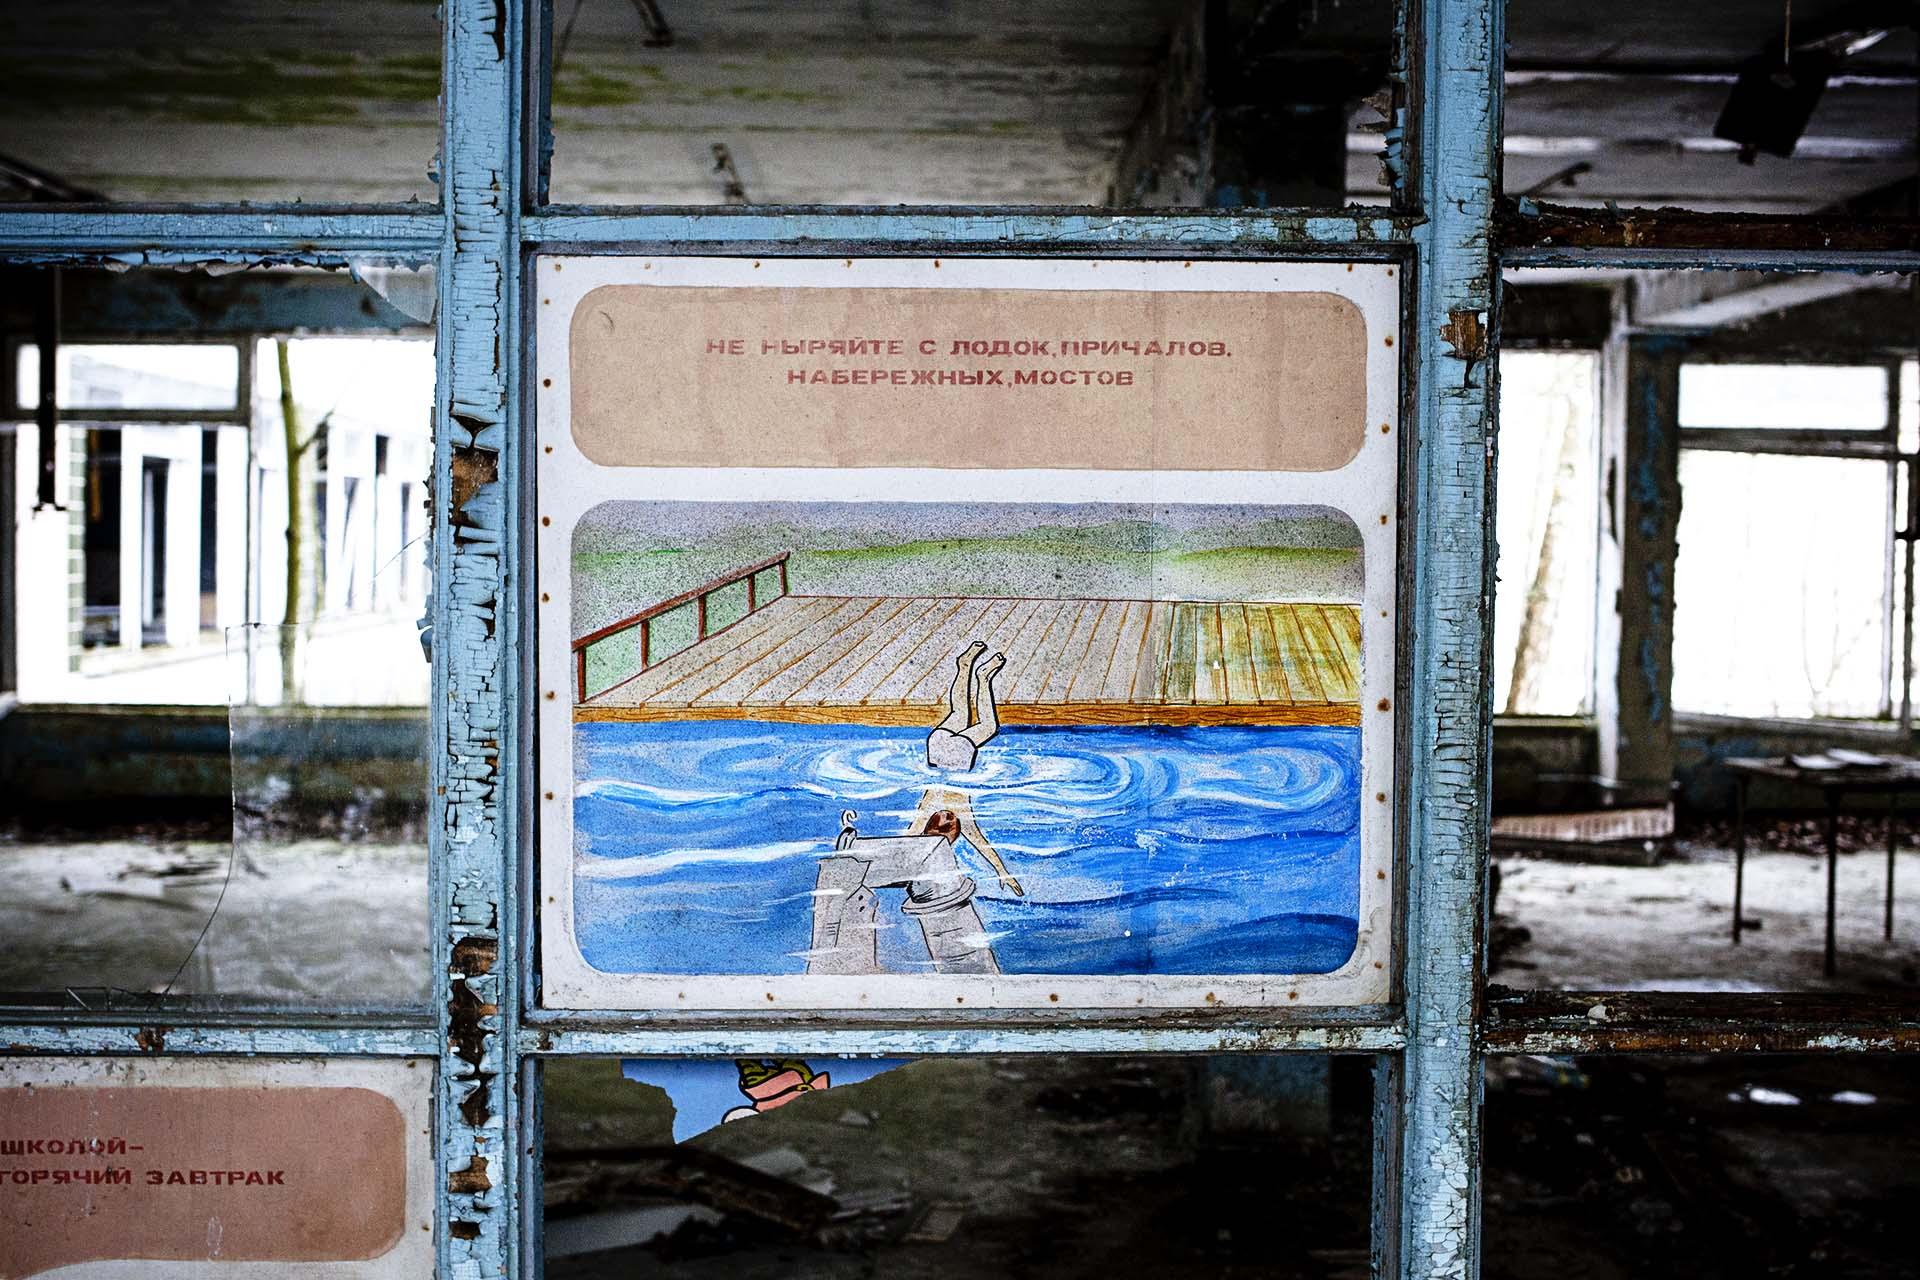 Cartel de advertencia para los alumnos del antiguo colegio de Pripyat.